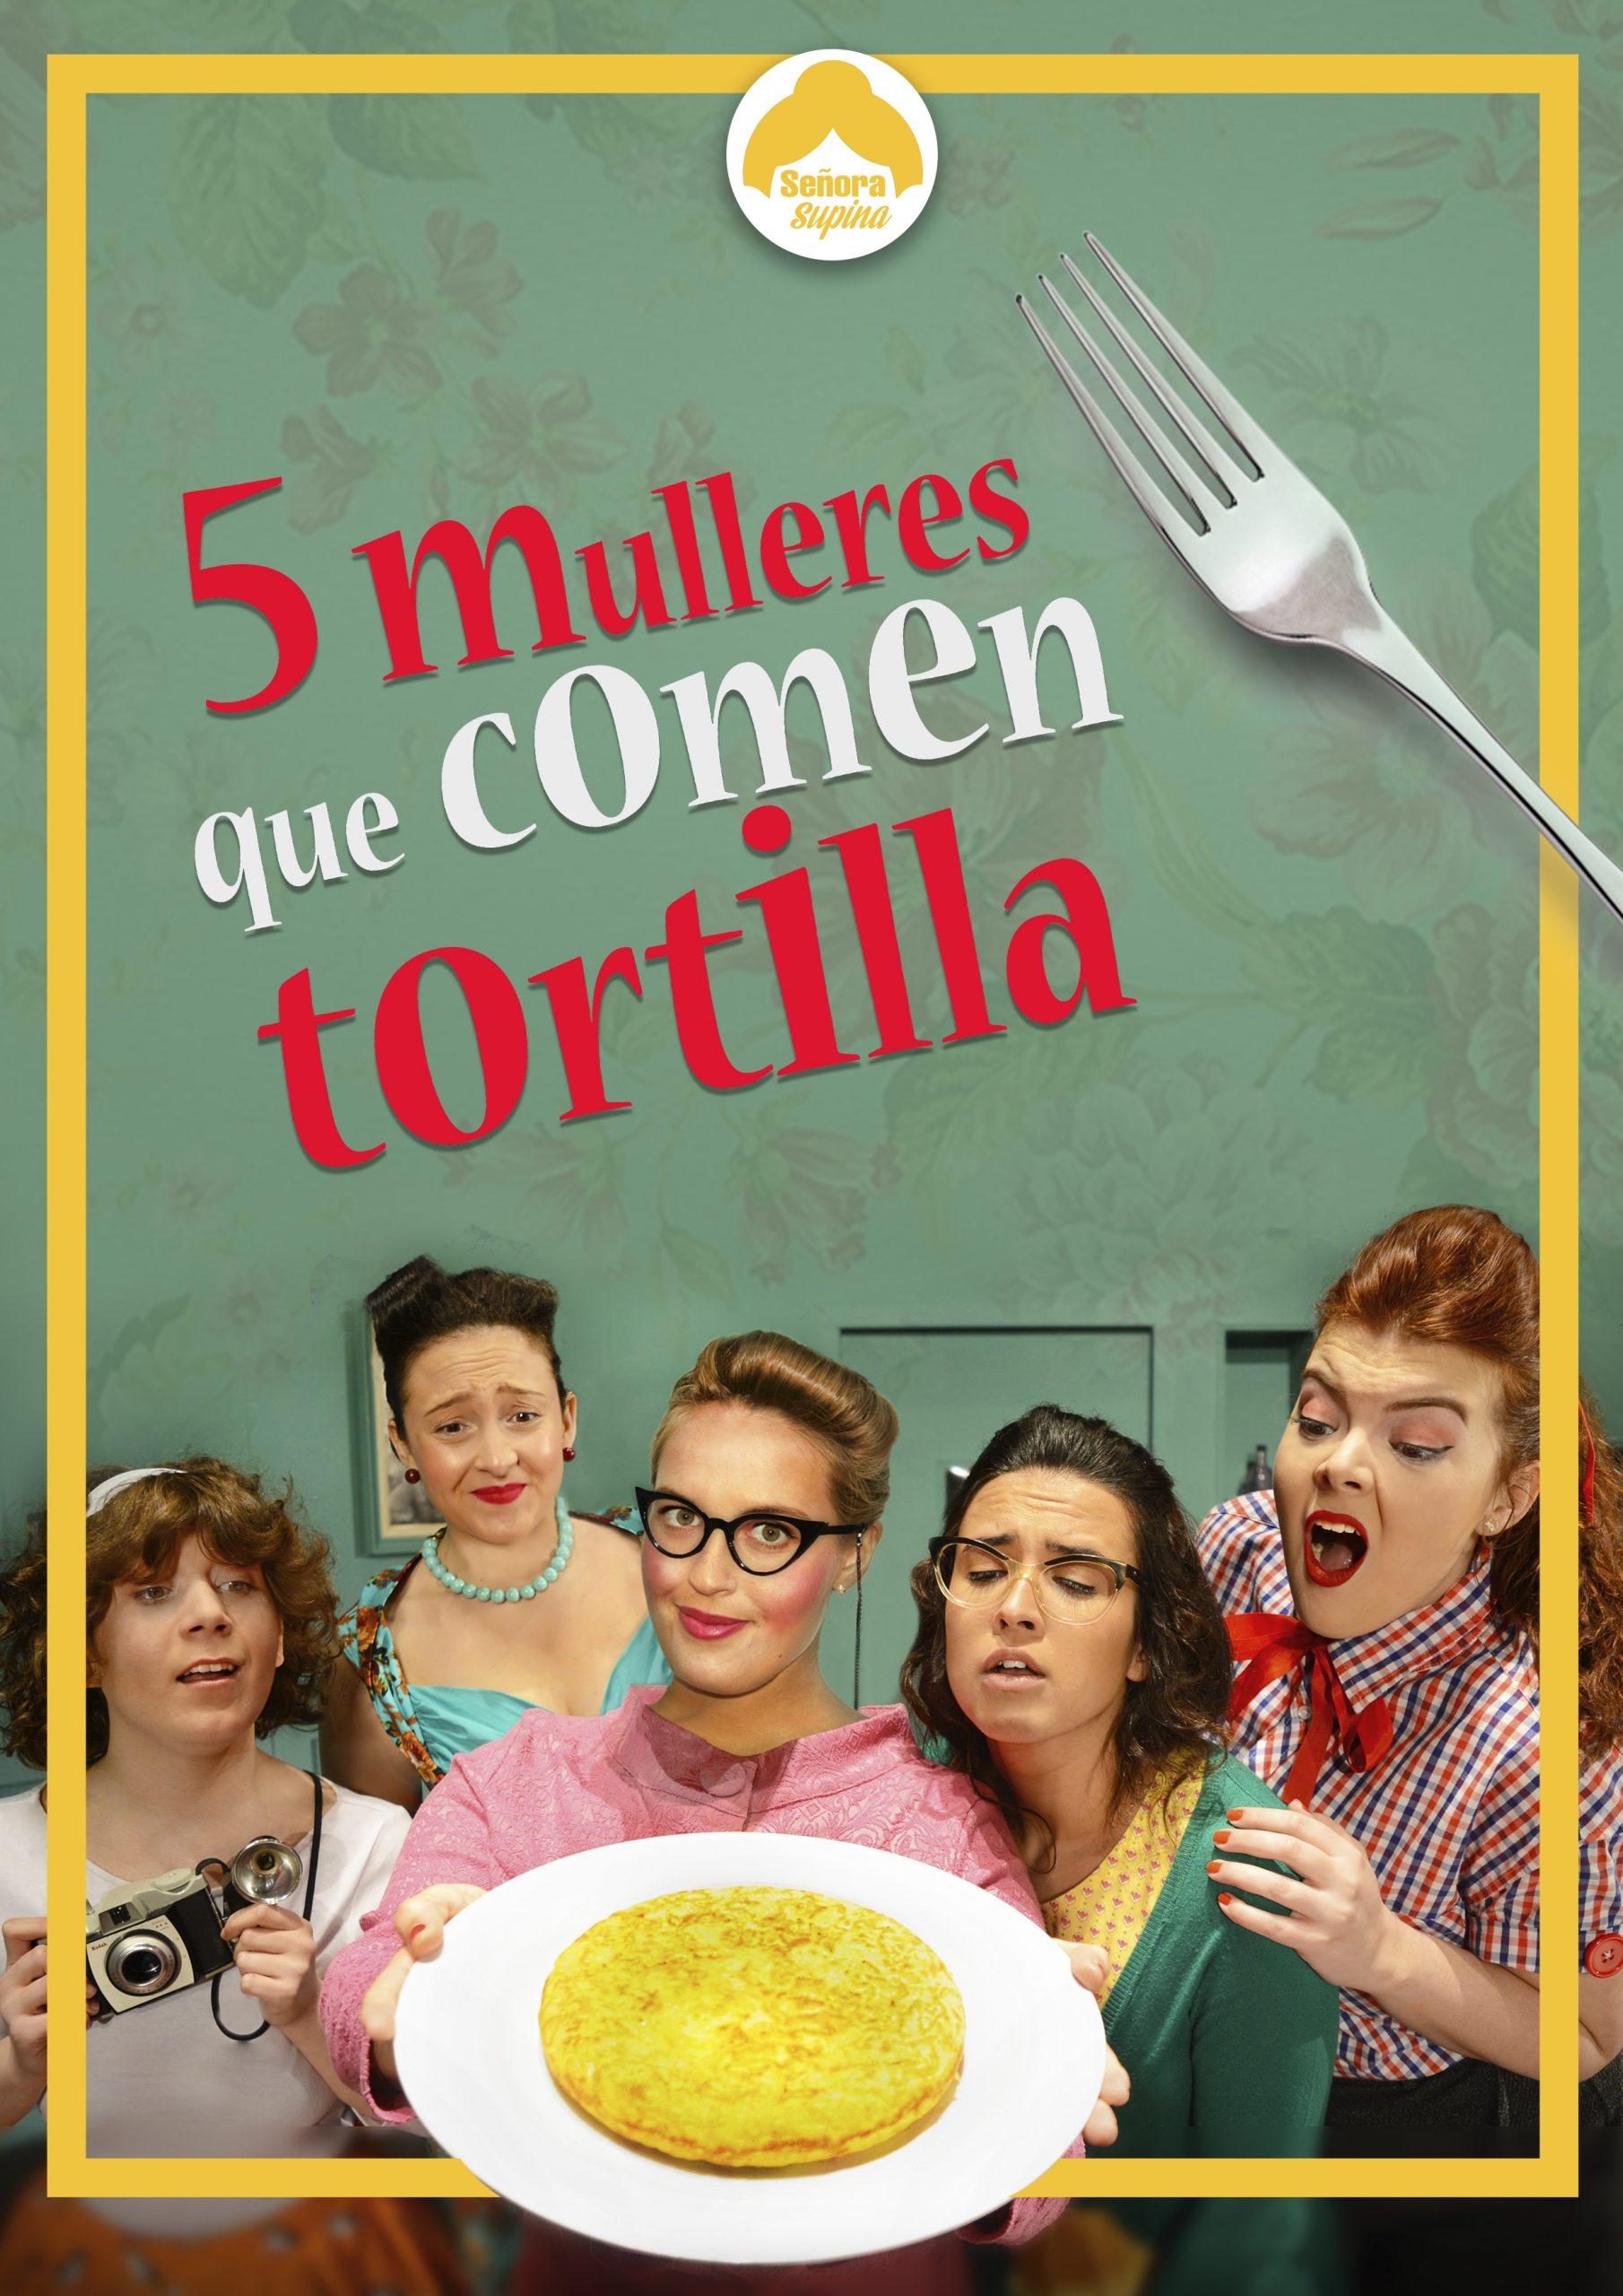 Cinco Mulleres Que Comen Tortilla é unha comedia de Señora Supina